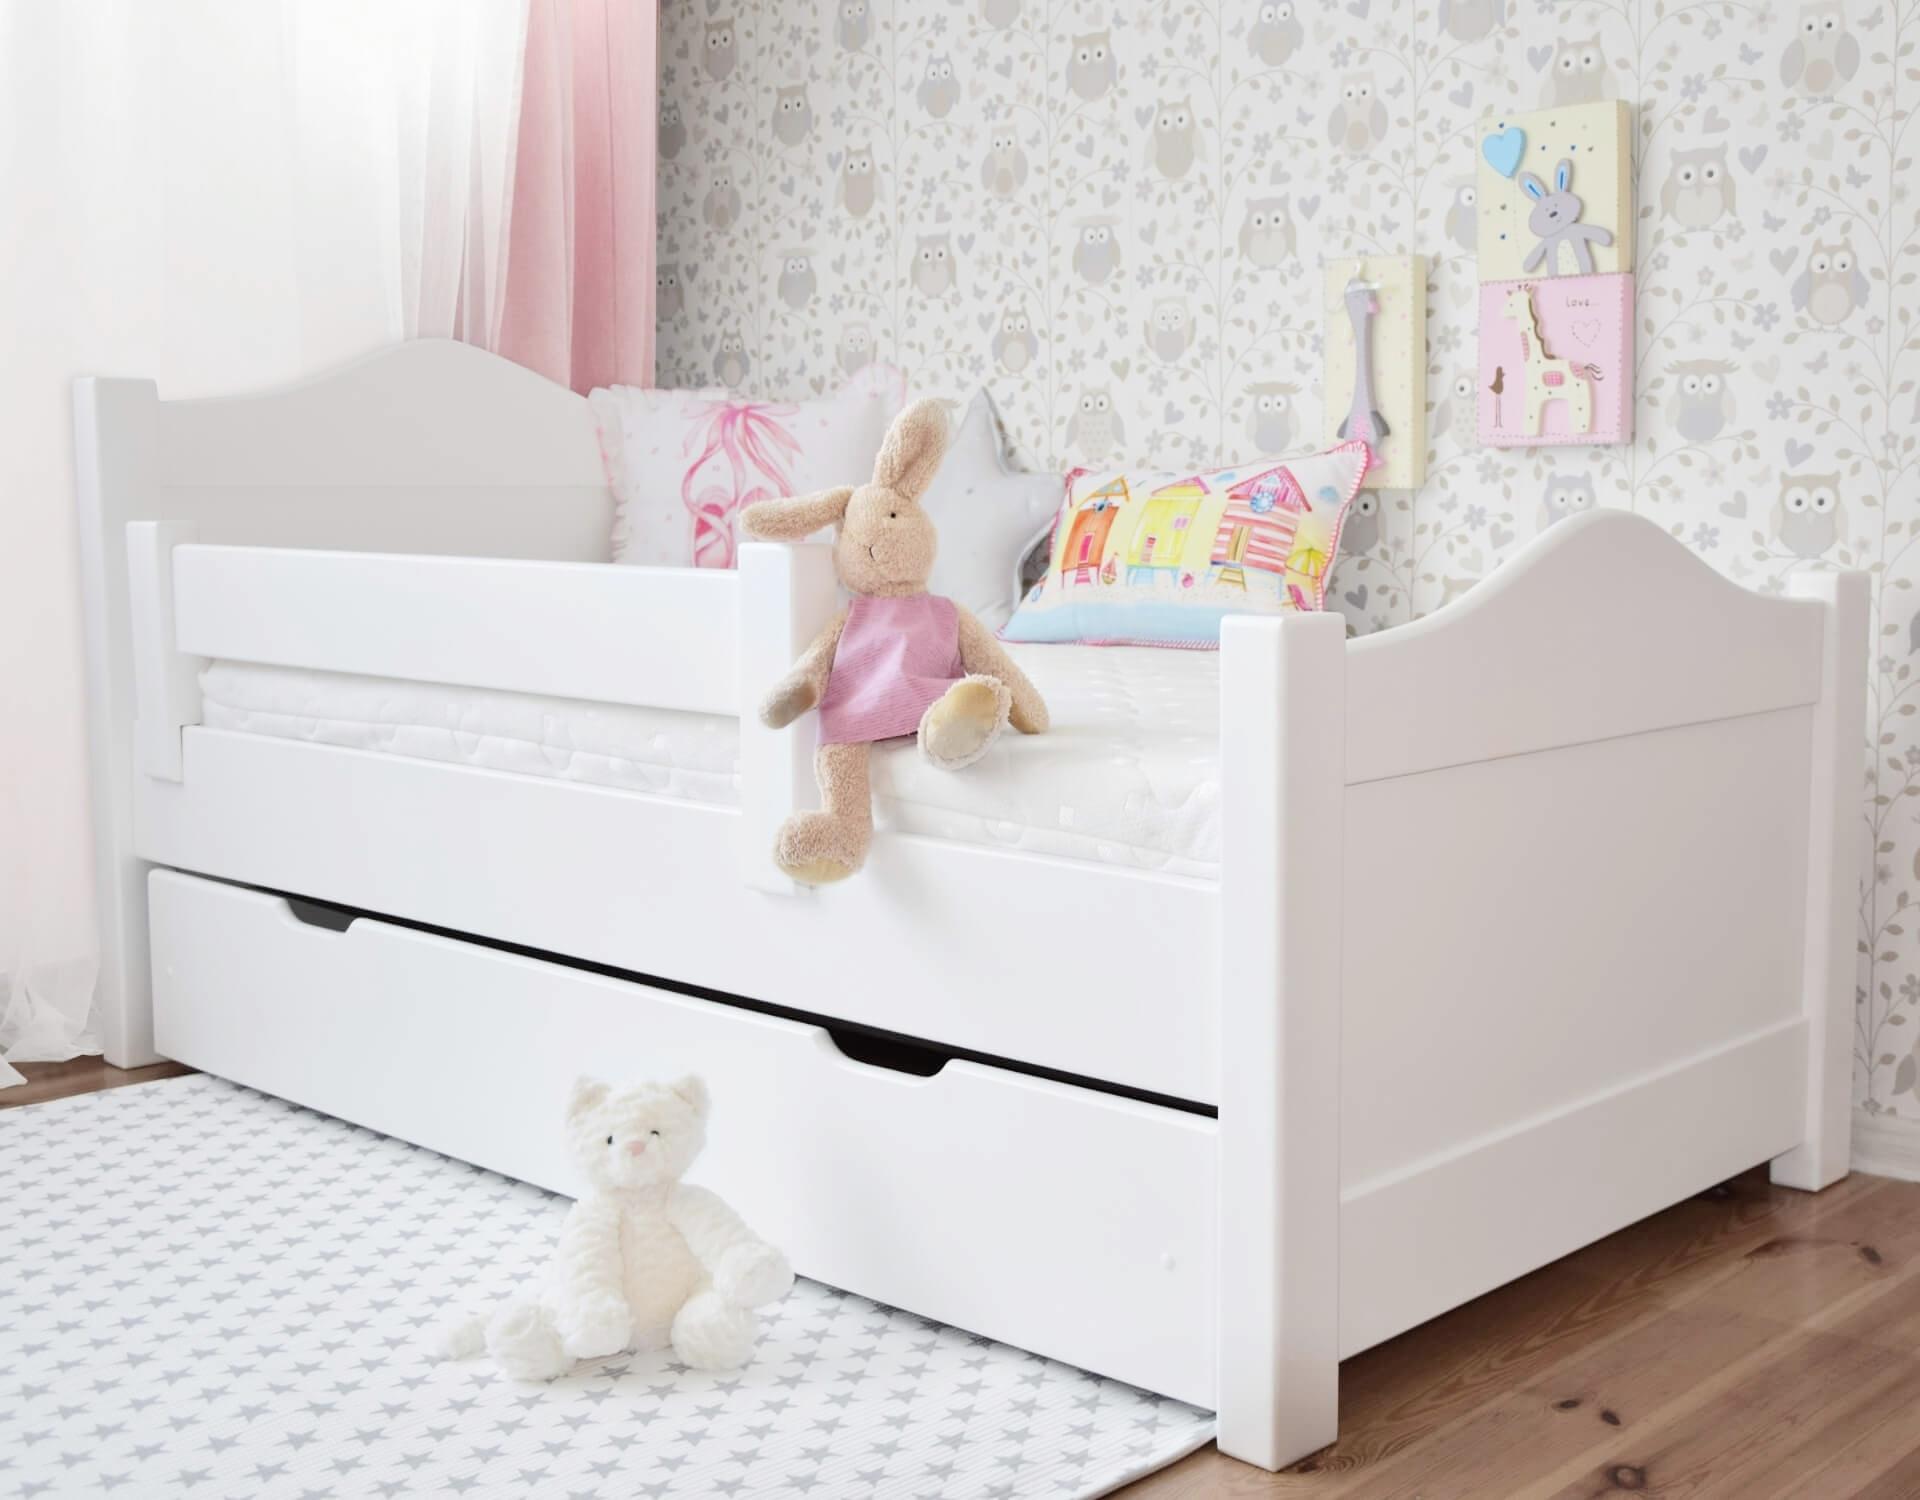 łóżeczko Finiss Z Szufladą I Barierką Olchowe Białe Wymiar łóżka Pod Materac 160 X 80